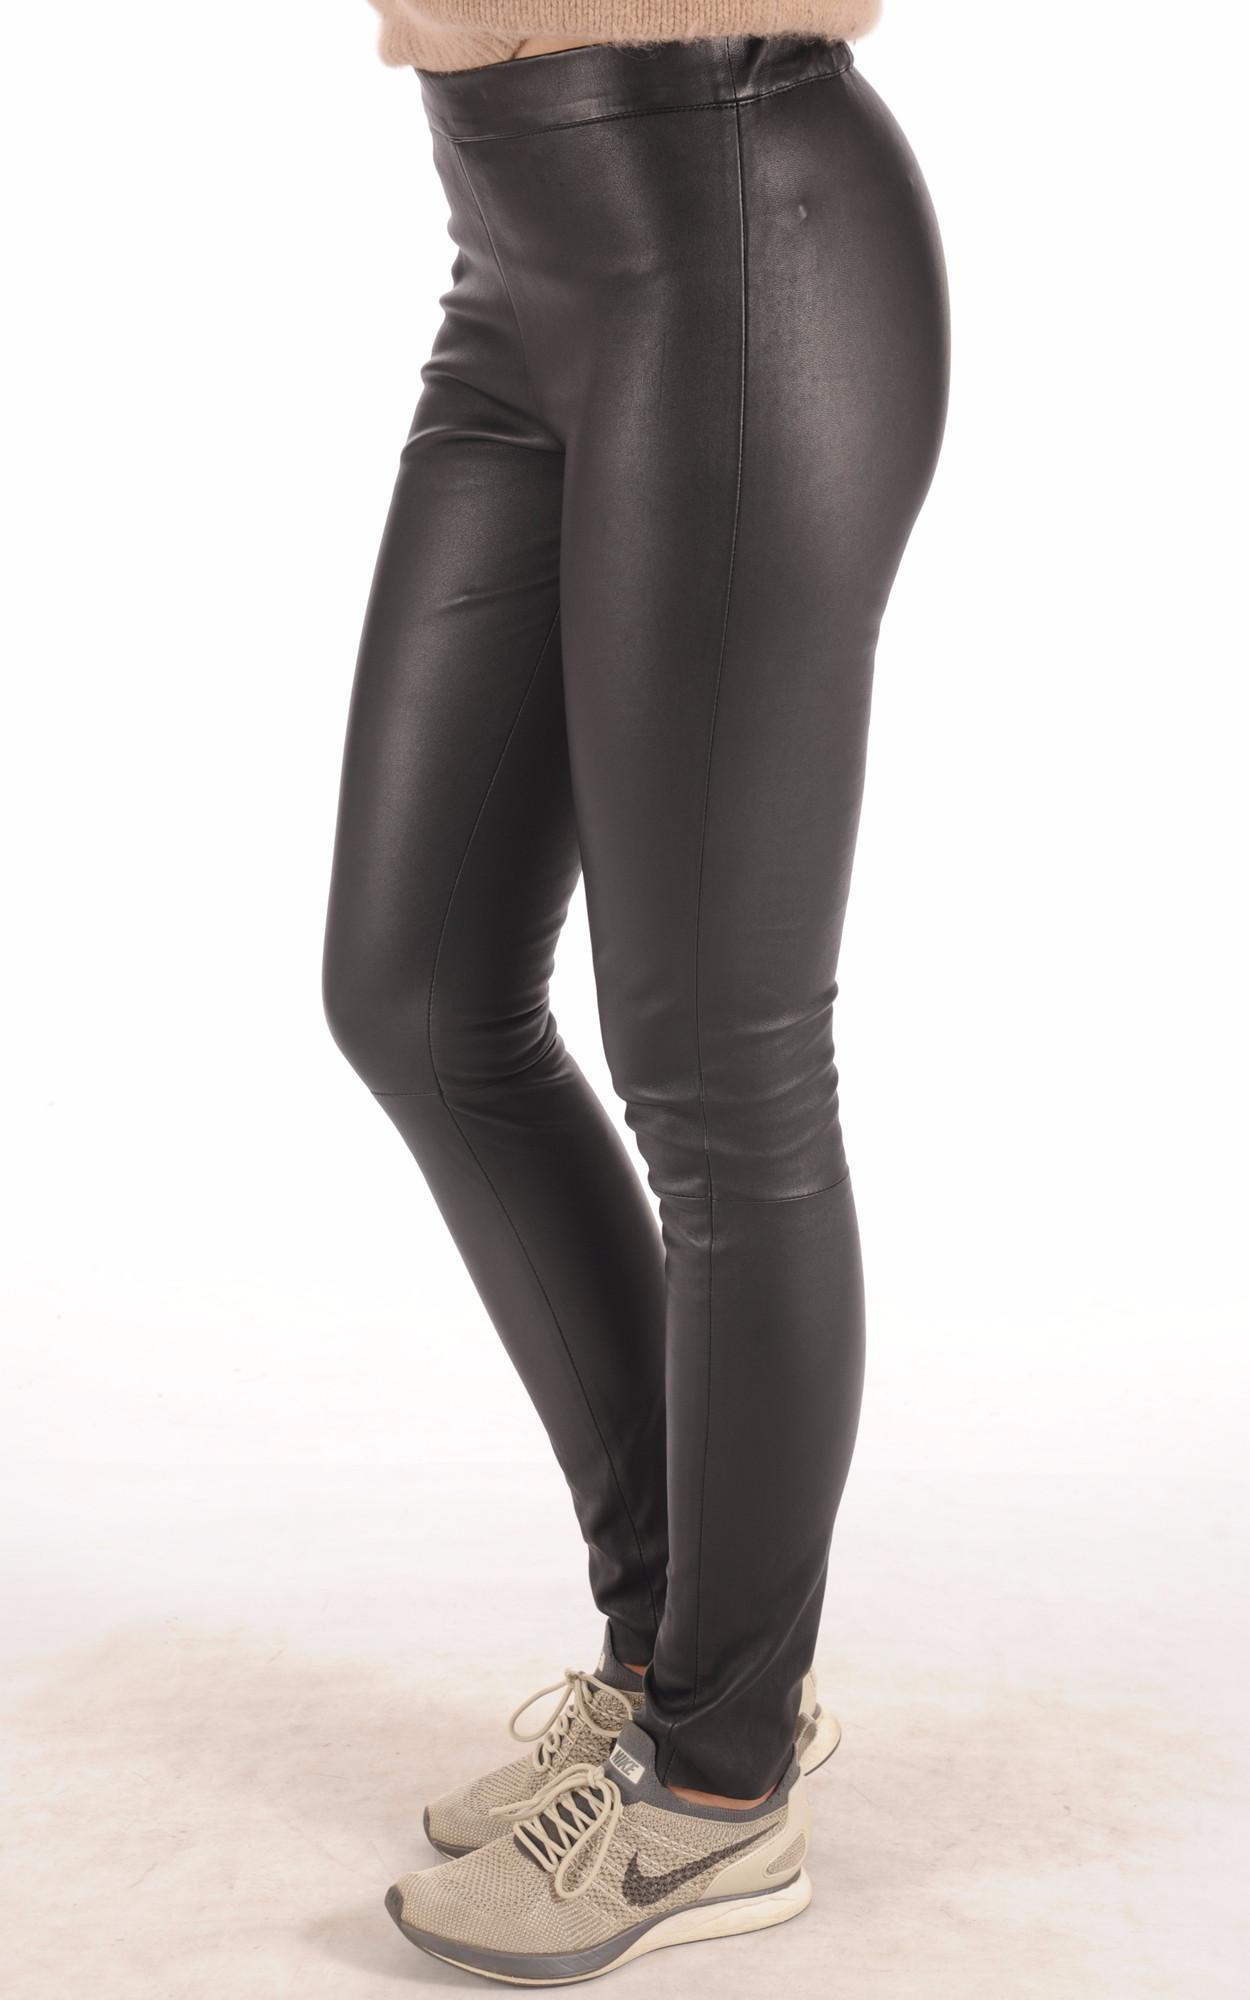 Legging Cuir Stretch Noir La Canadienne